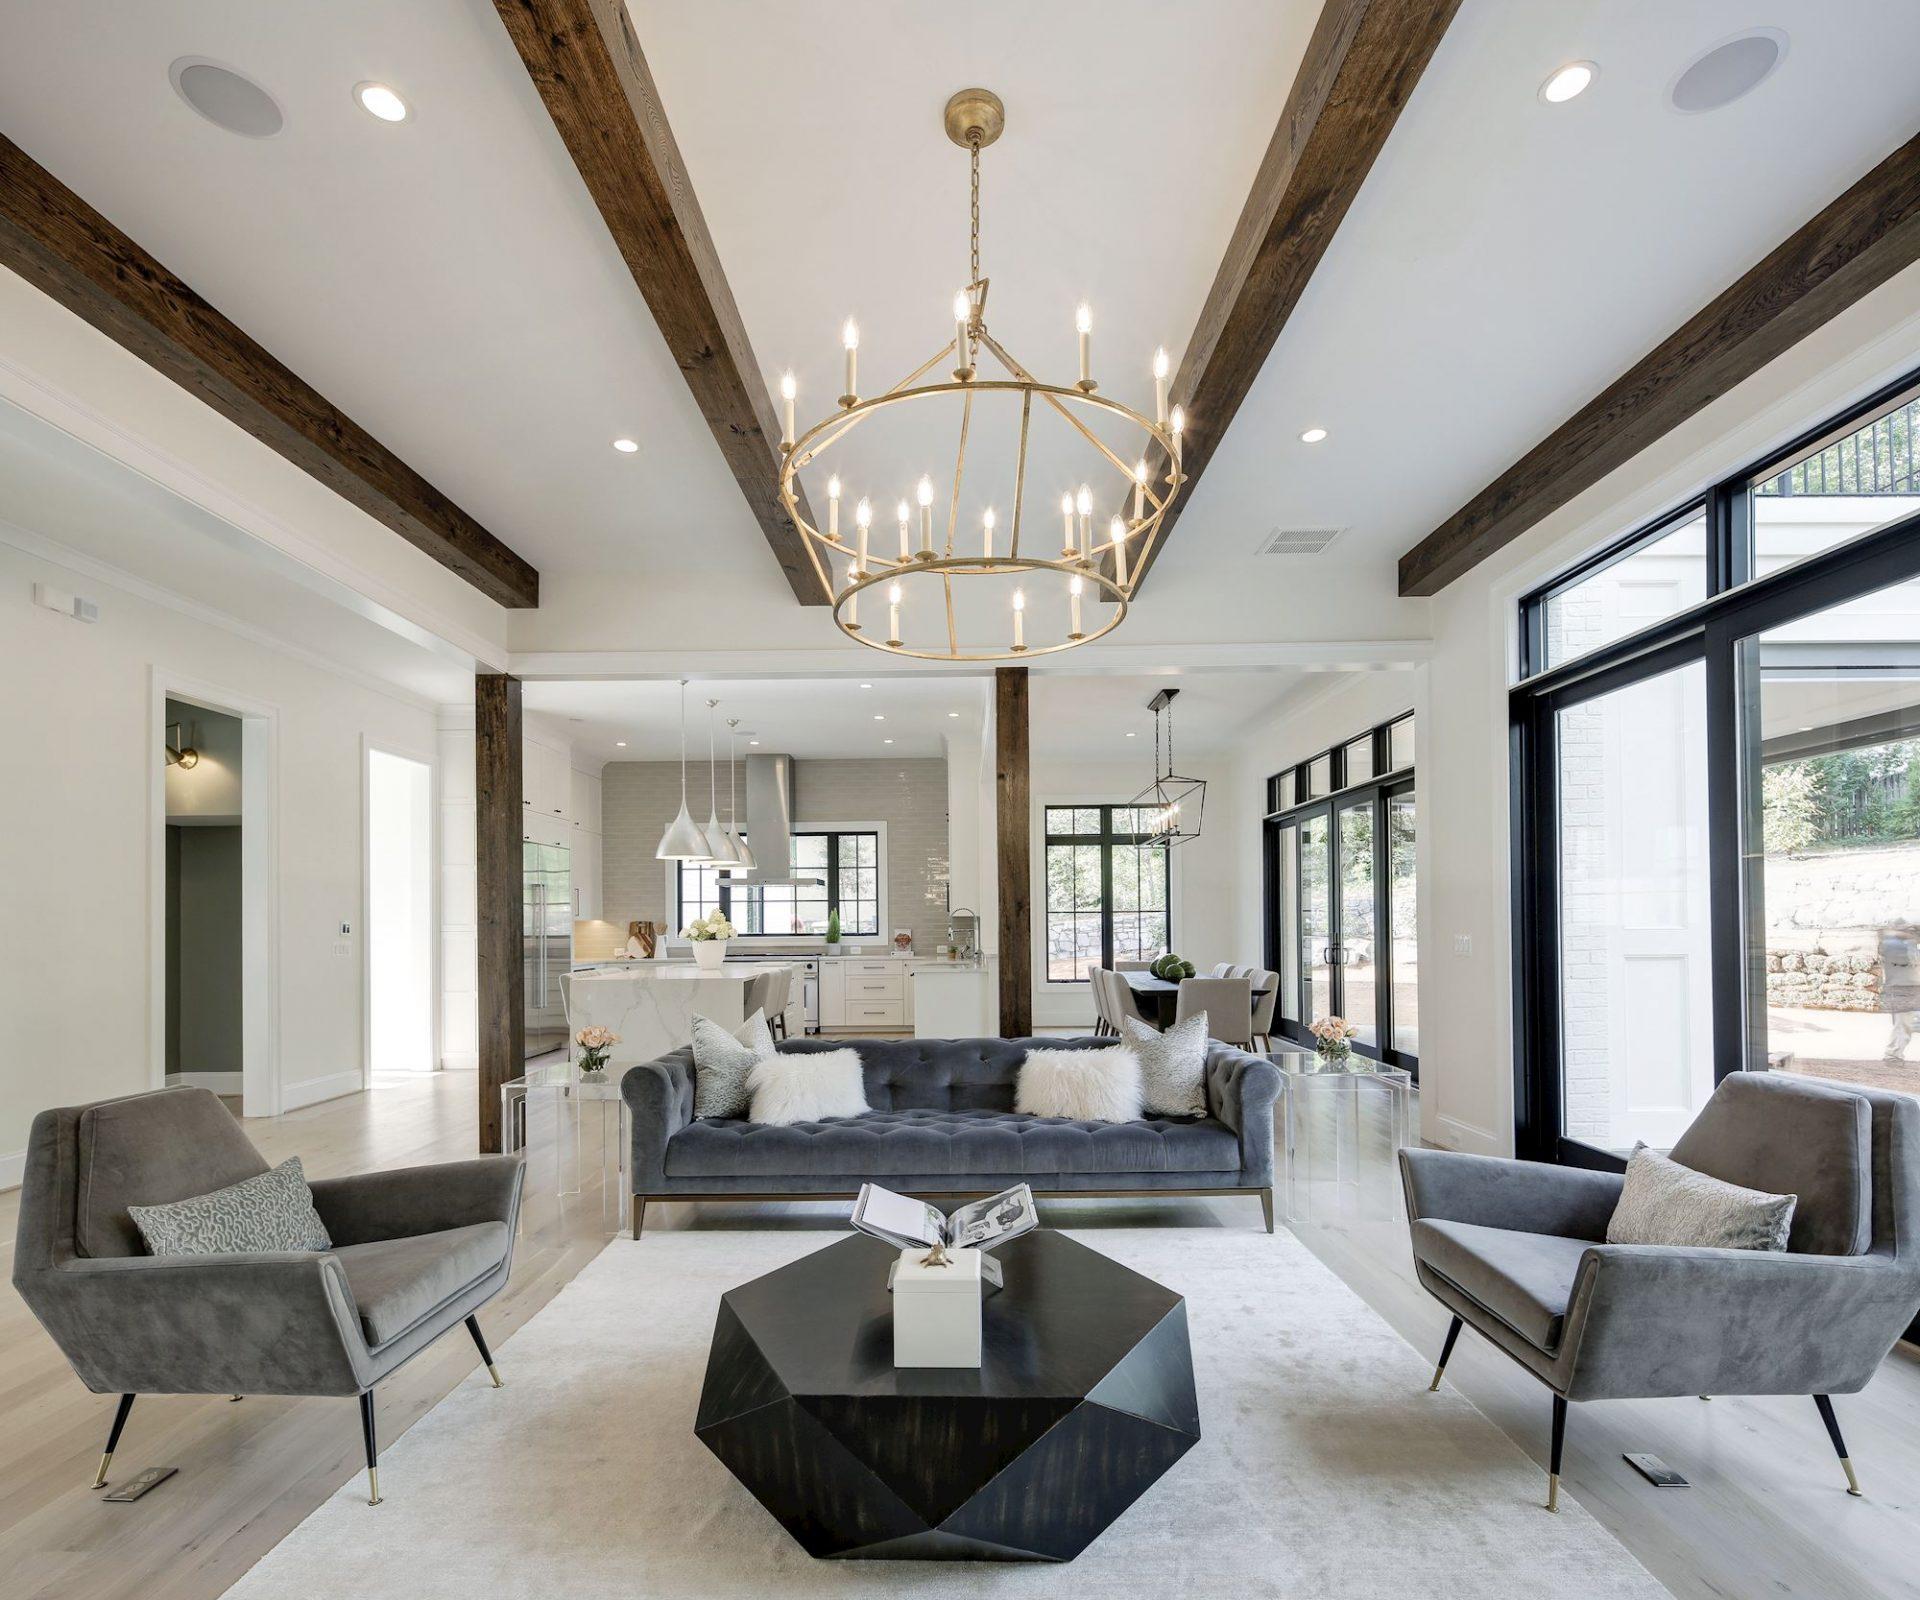 The Brawner Living Room